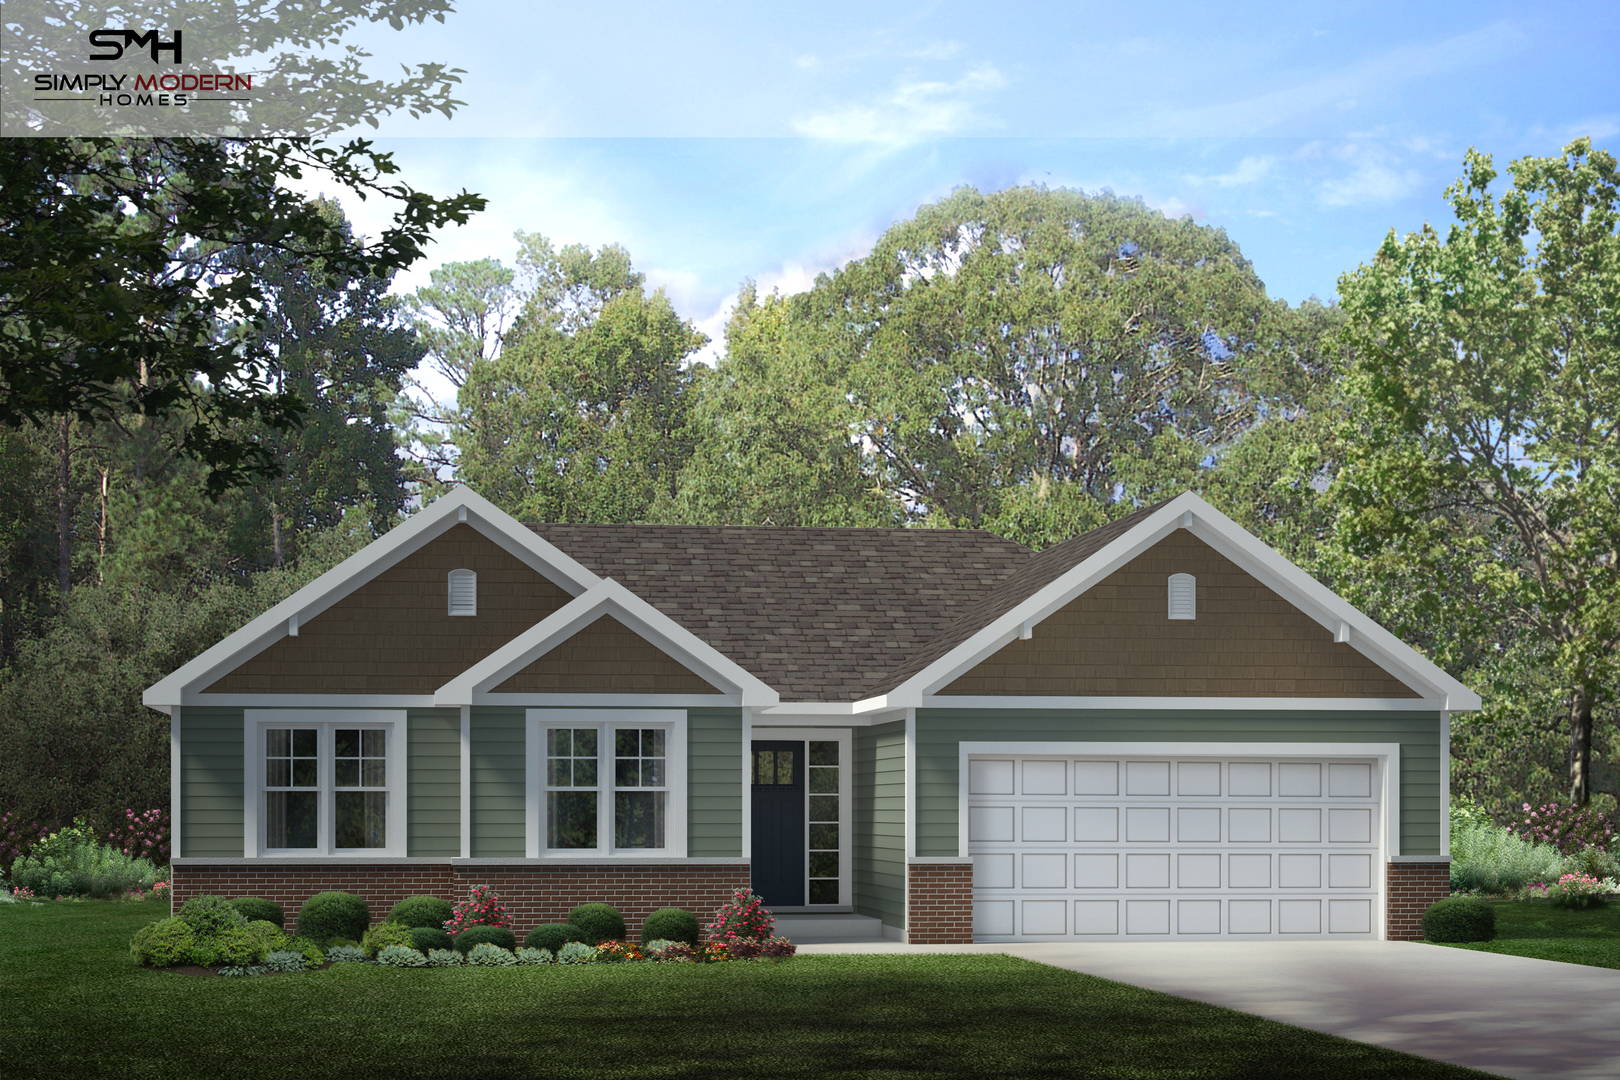 71 Deerfield Estates, Oglesby, Illinois 61348